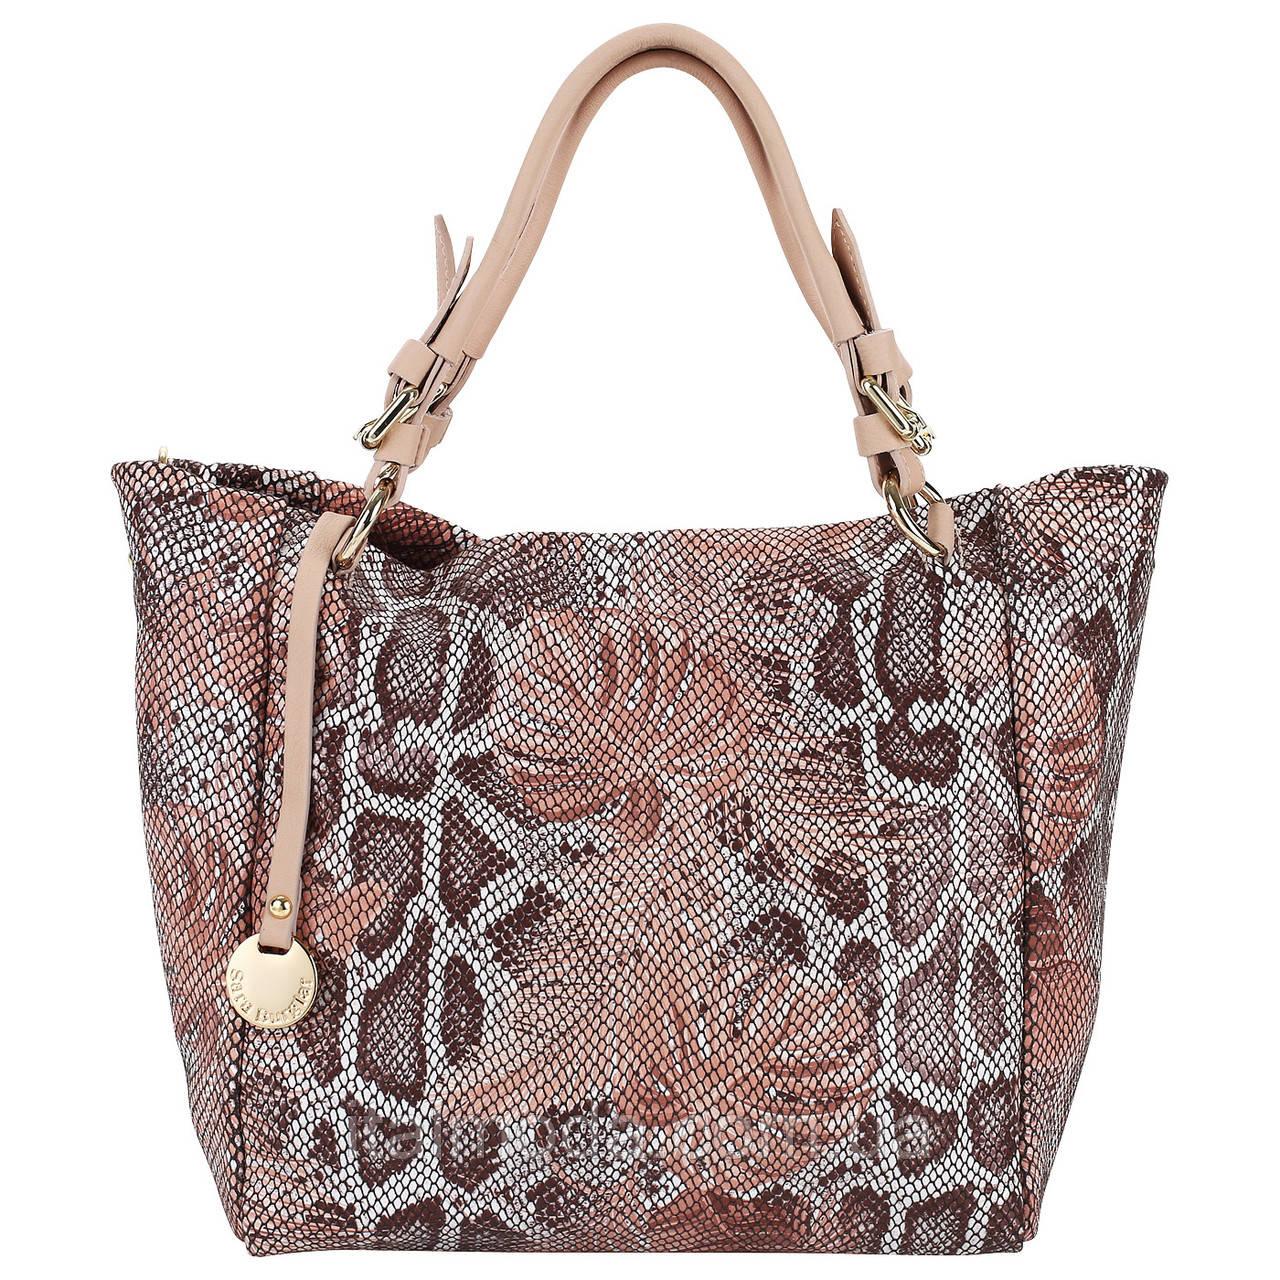 a164d15777f2 Женская кожаная сумка Sara Burglar 200 - Интернет-магазин